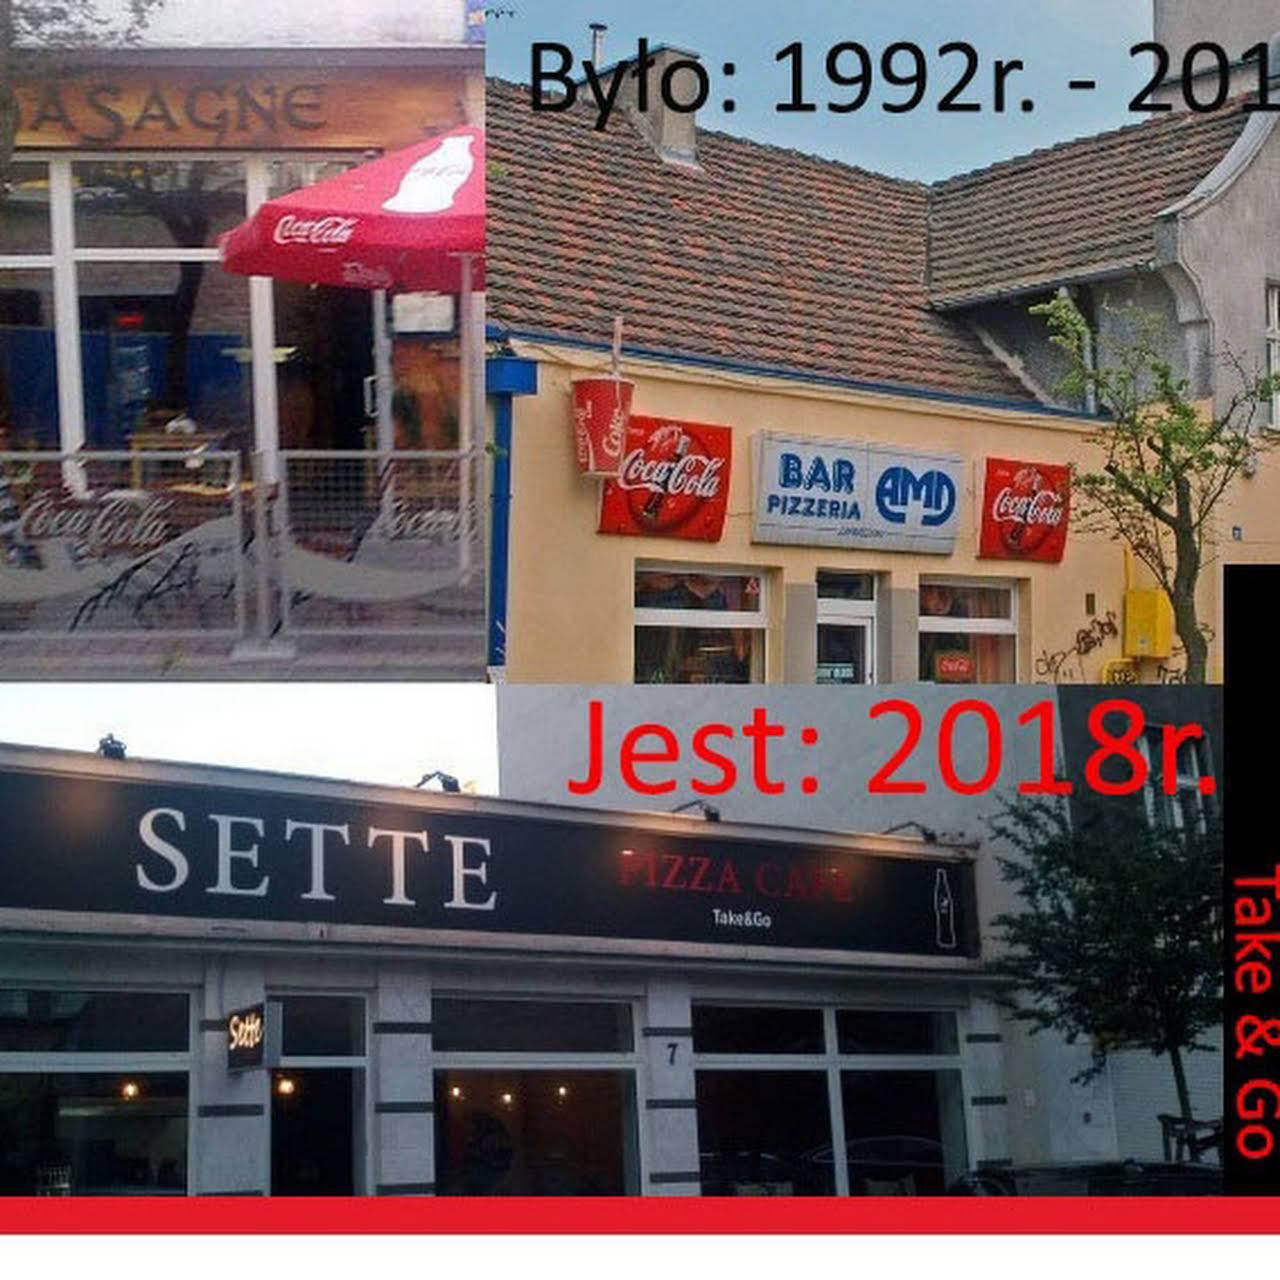 Sette Pizza Take Go Pizzeria Gdynia Kuchnia Włoska Kuchnia